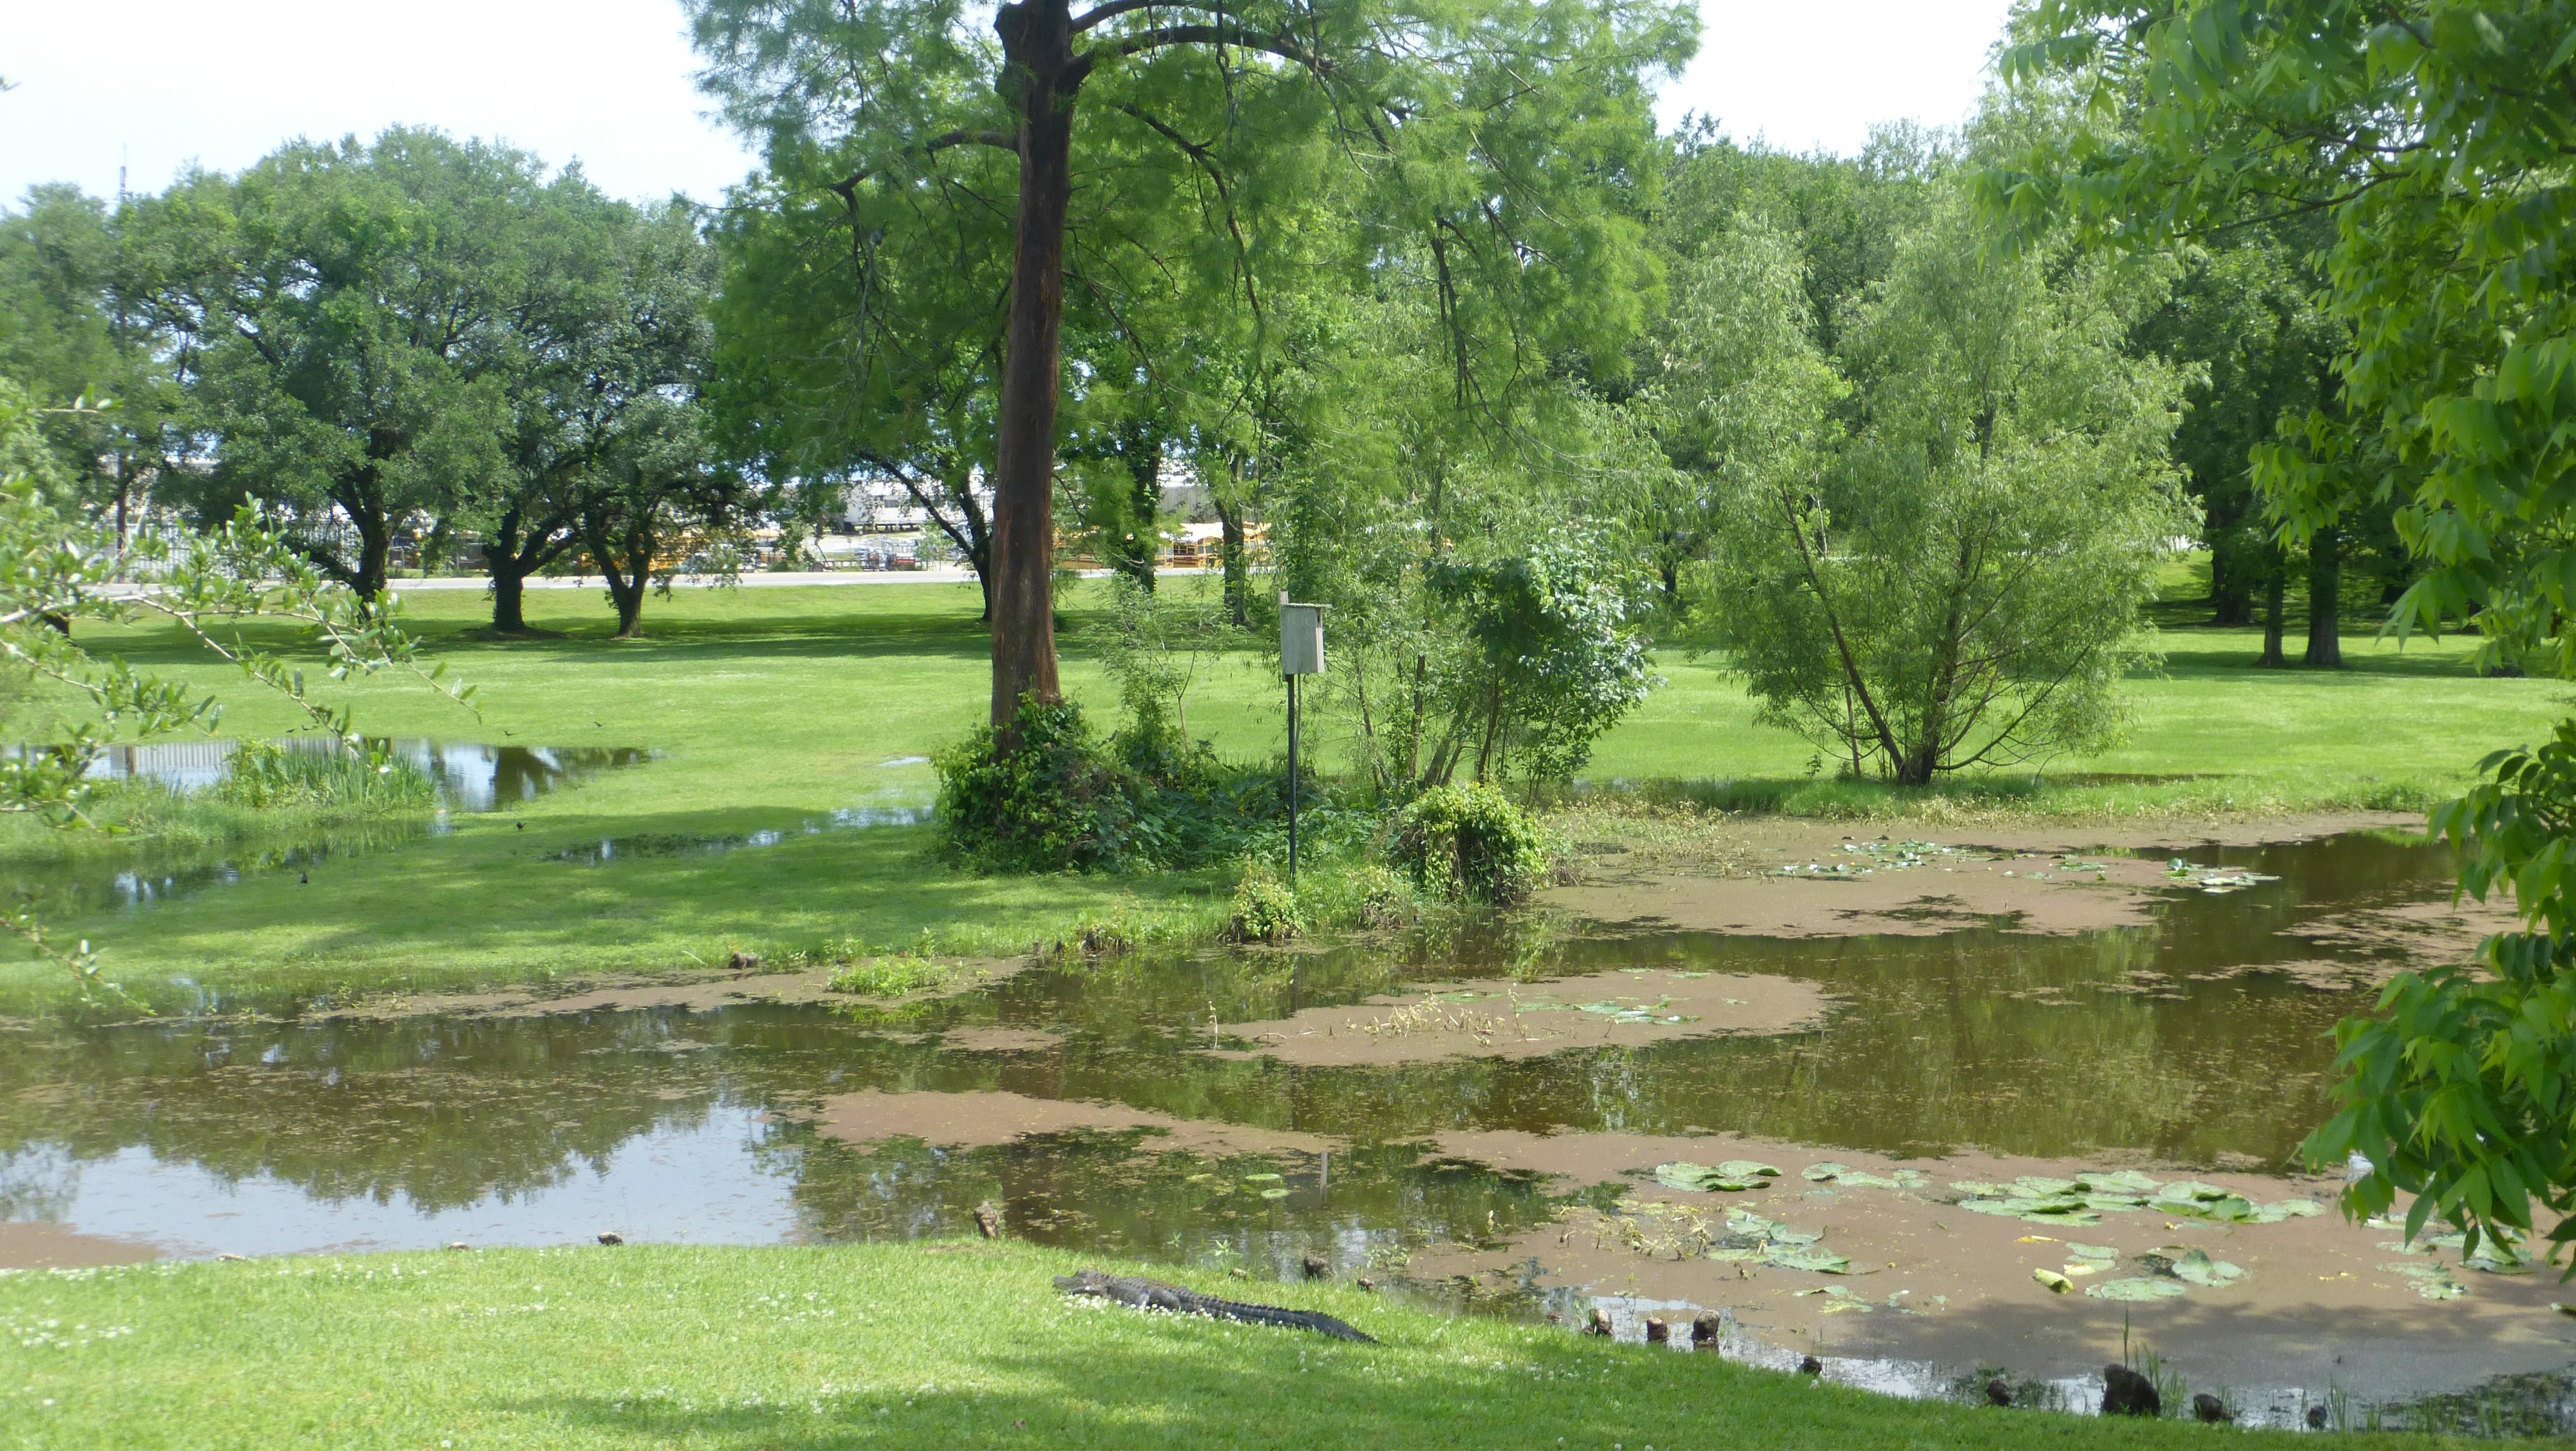 Vermillon village, l'alligator dans son environnement